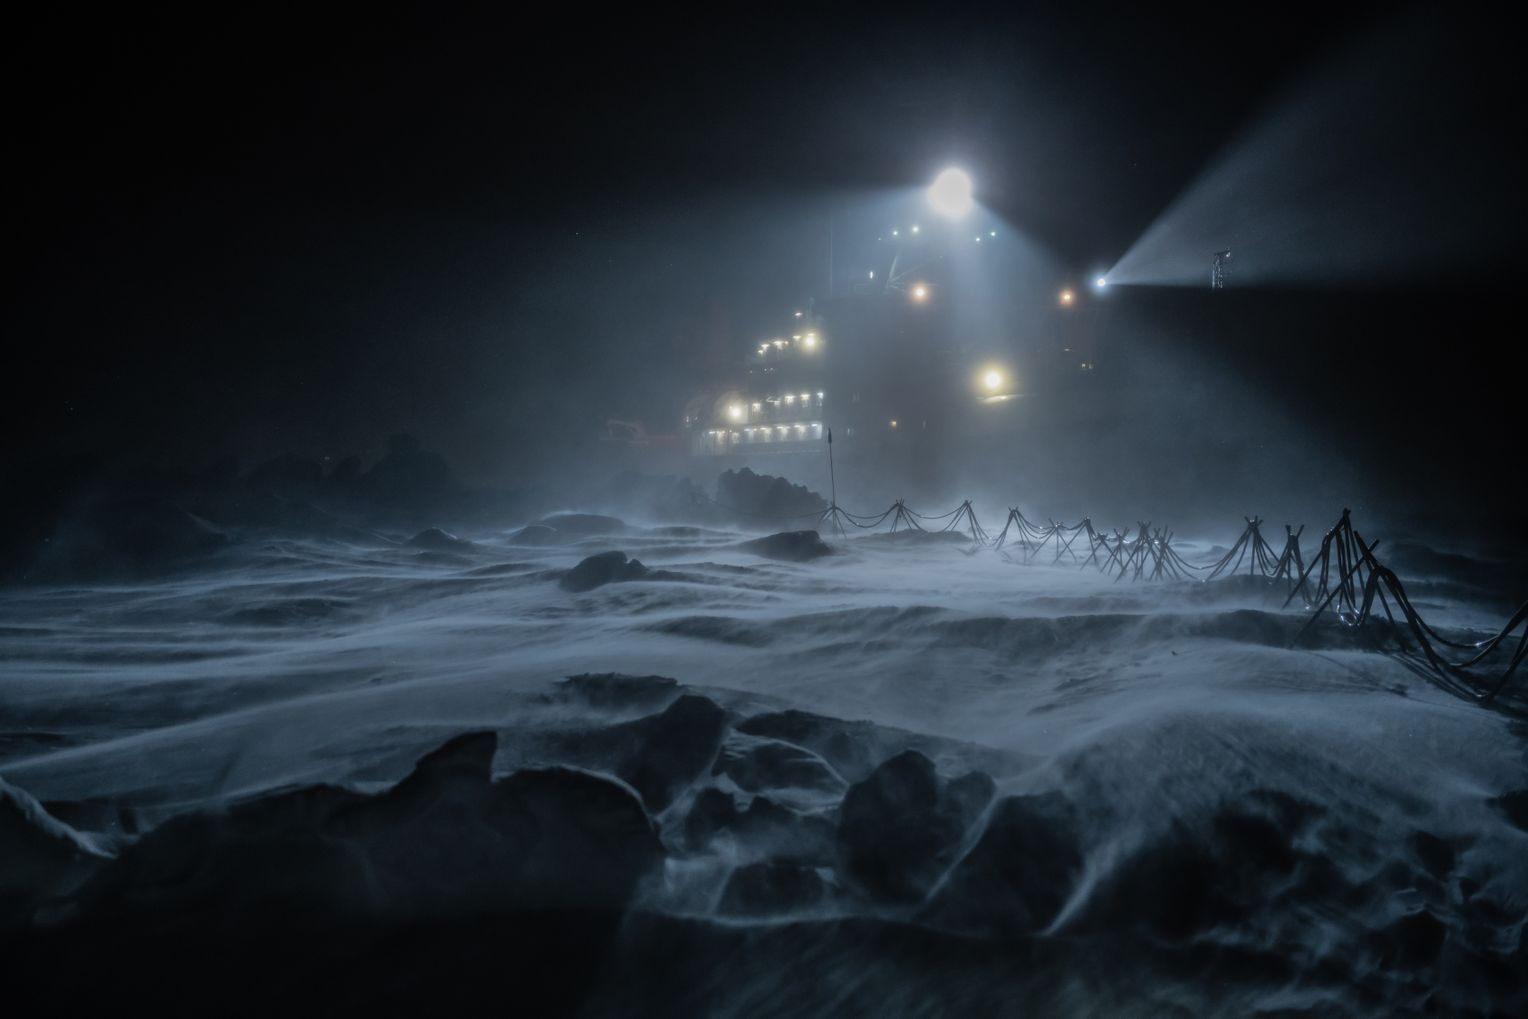 Schiff im Sturm: Das Wetter konnte sich rasend schnell ändern, alle Planung musste dann umgeworfen werden. Foto:Esther Horvath